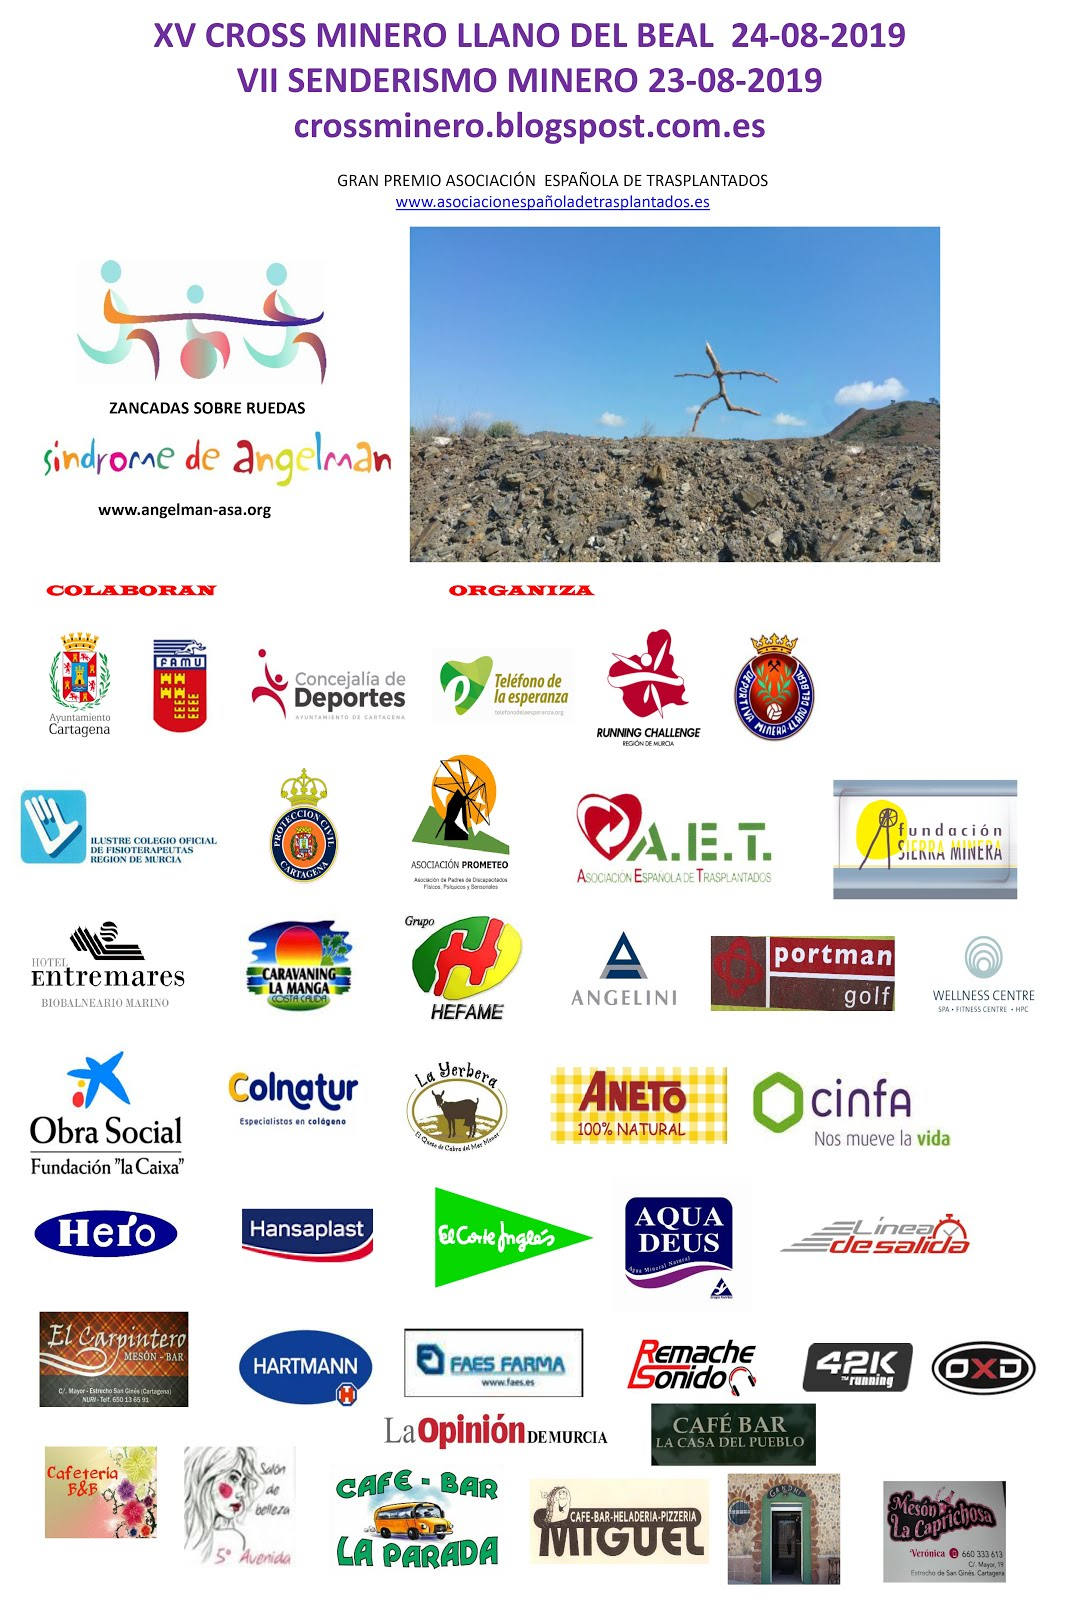 COLABORADORES CROSS MINERO